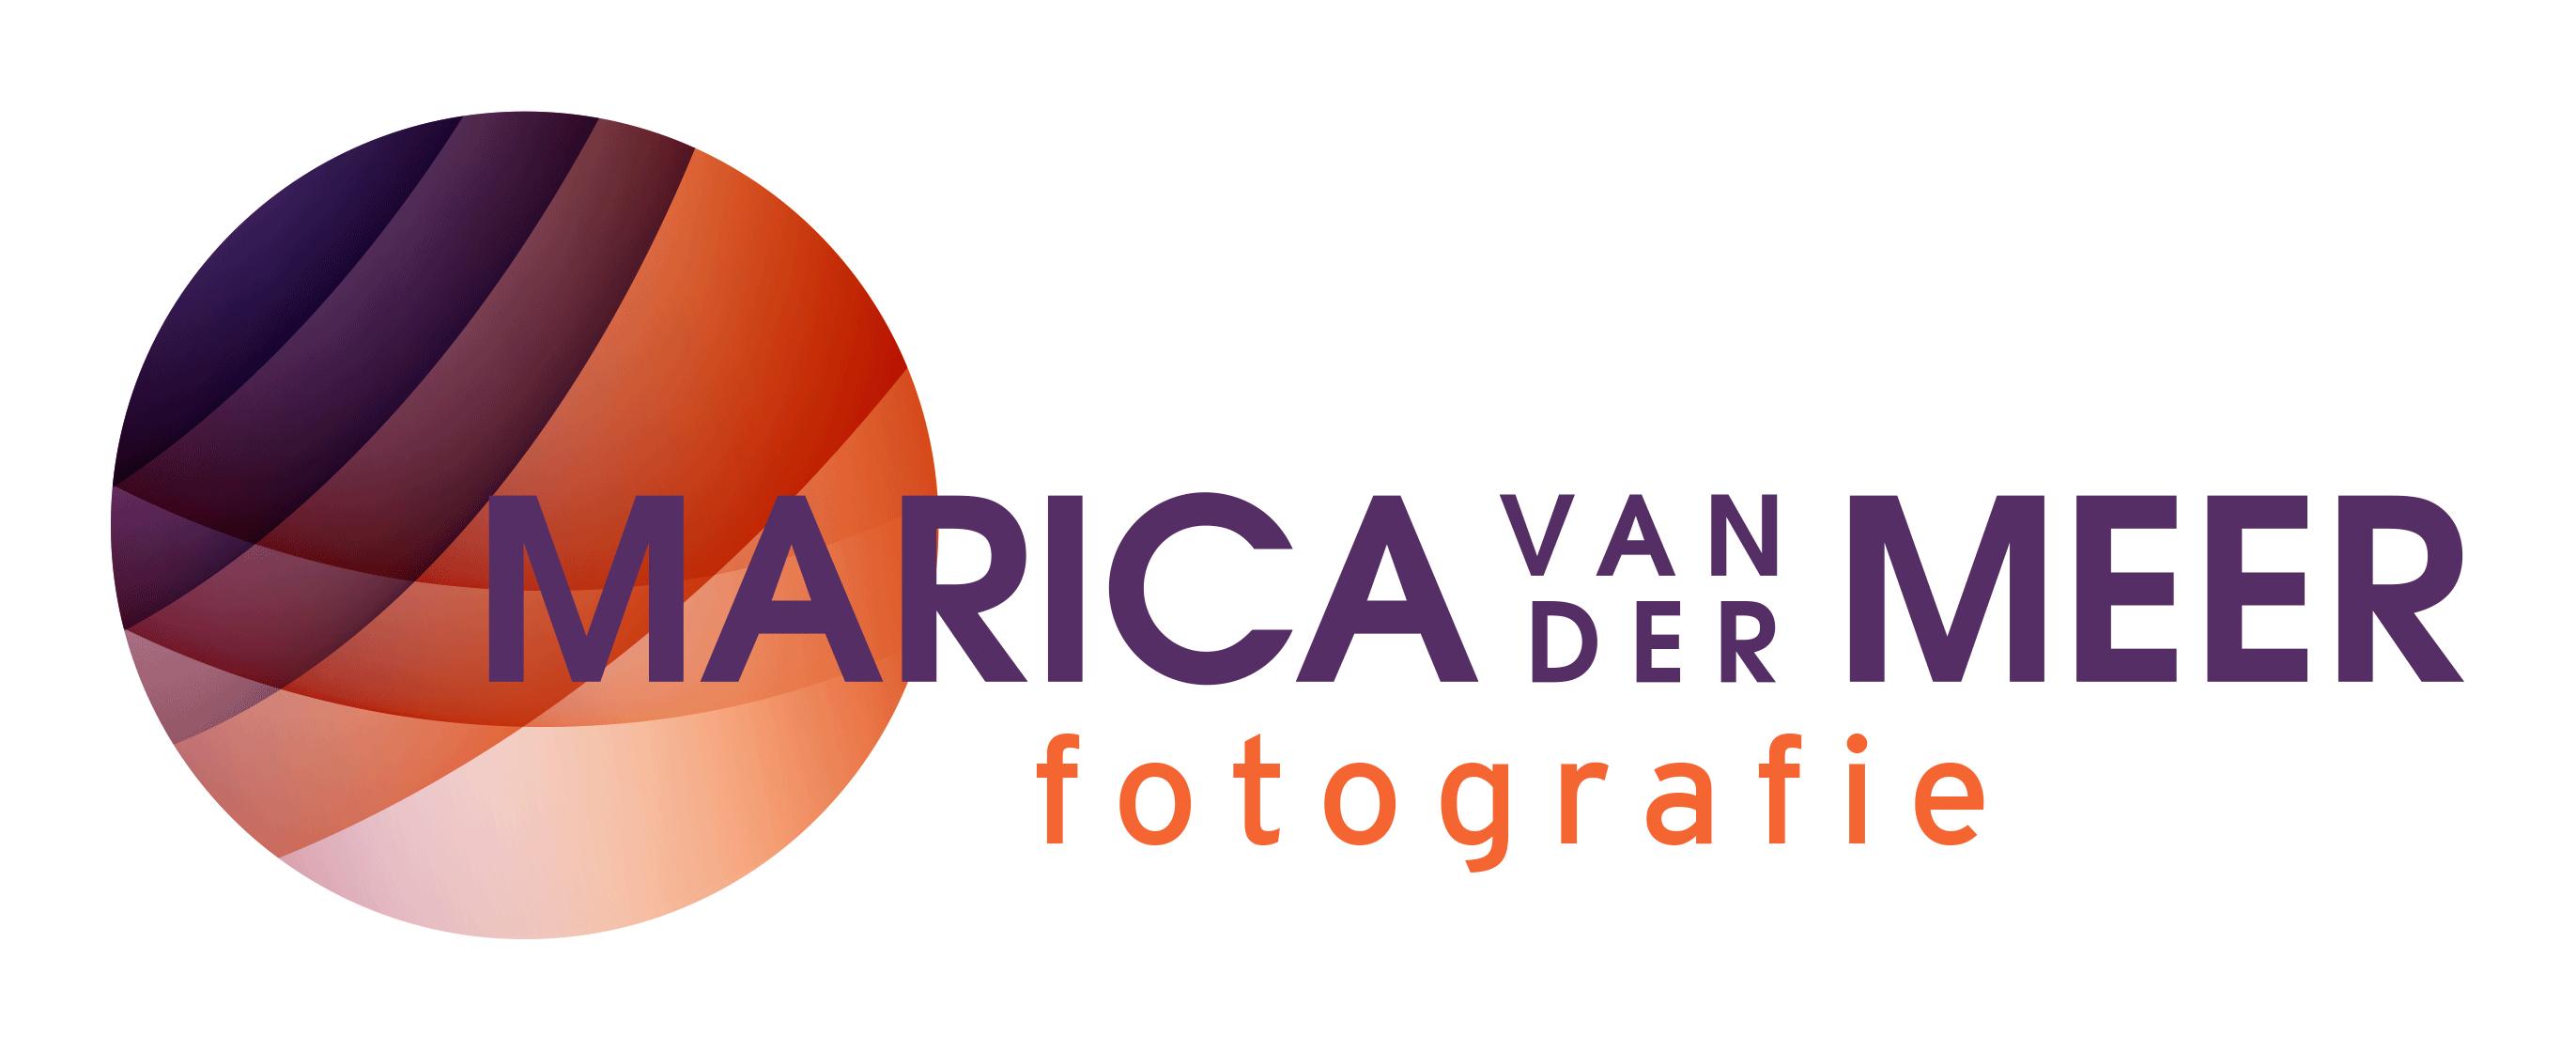 marica-van-der-meer-fotografie